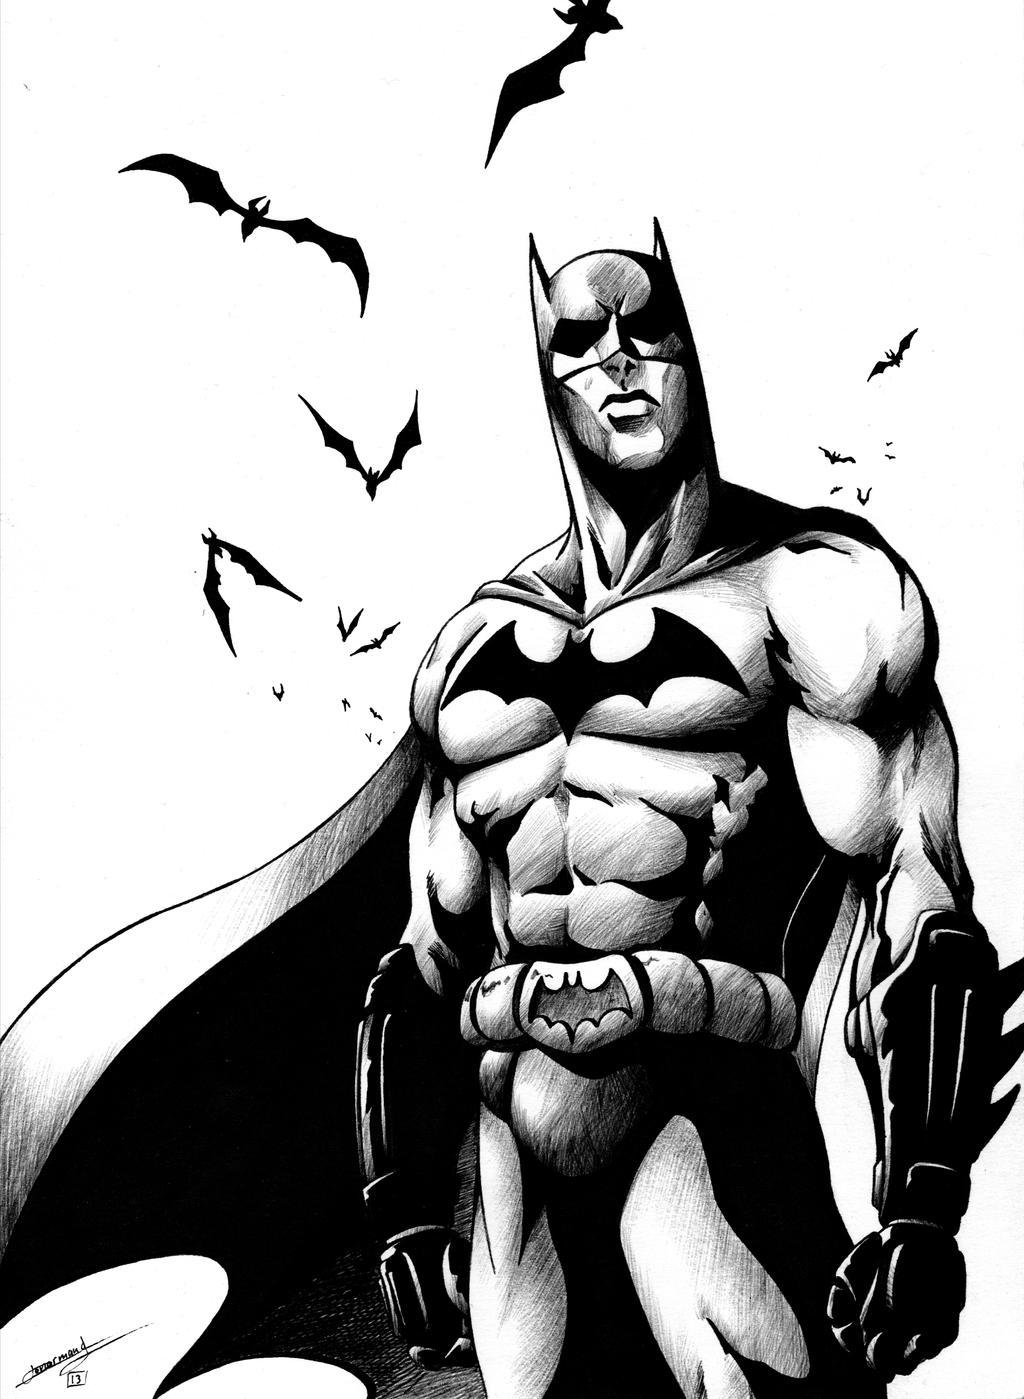 batman black white Voice actors  images from the Batman Black and White voice cast.